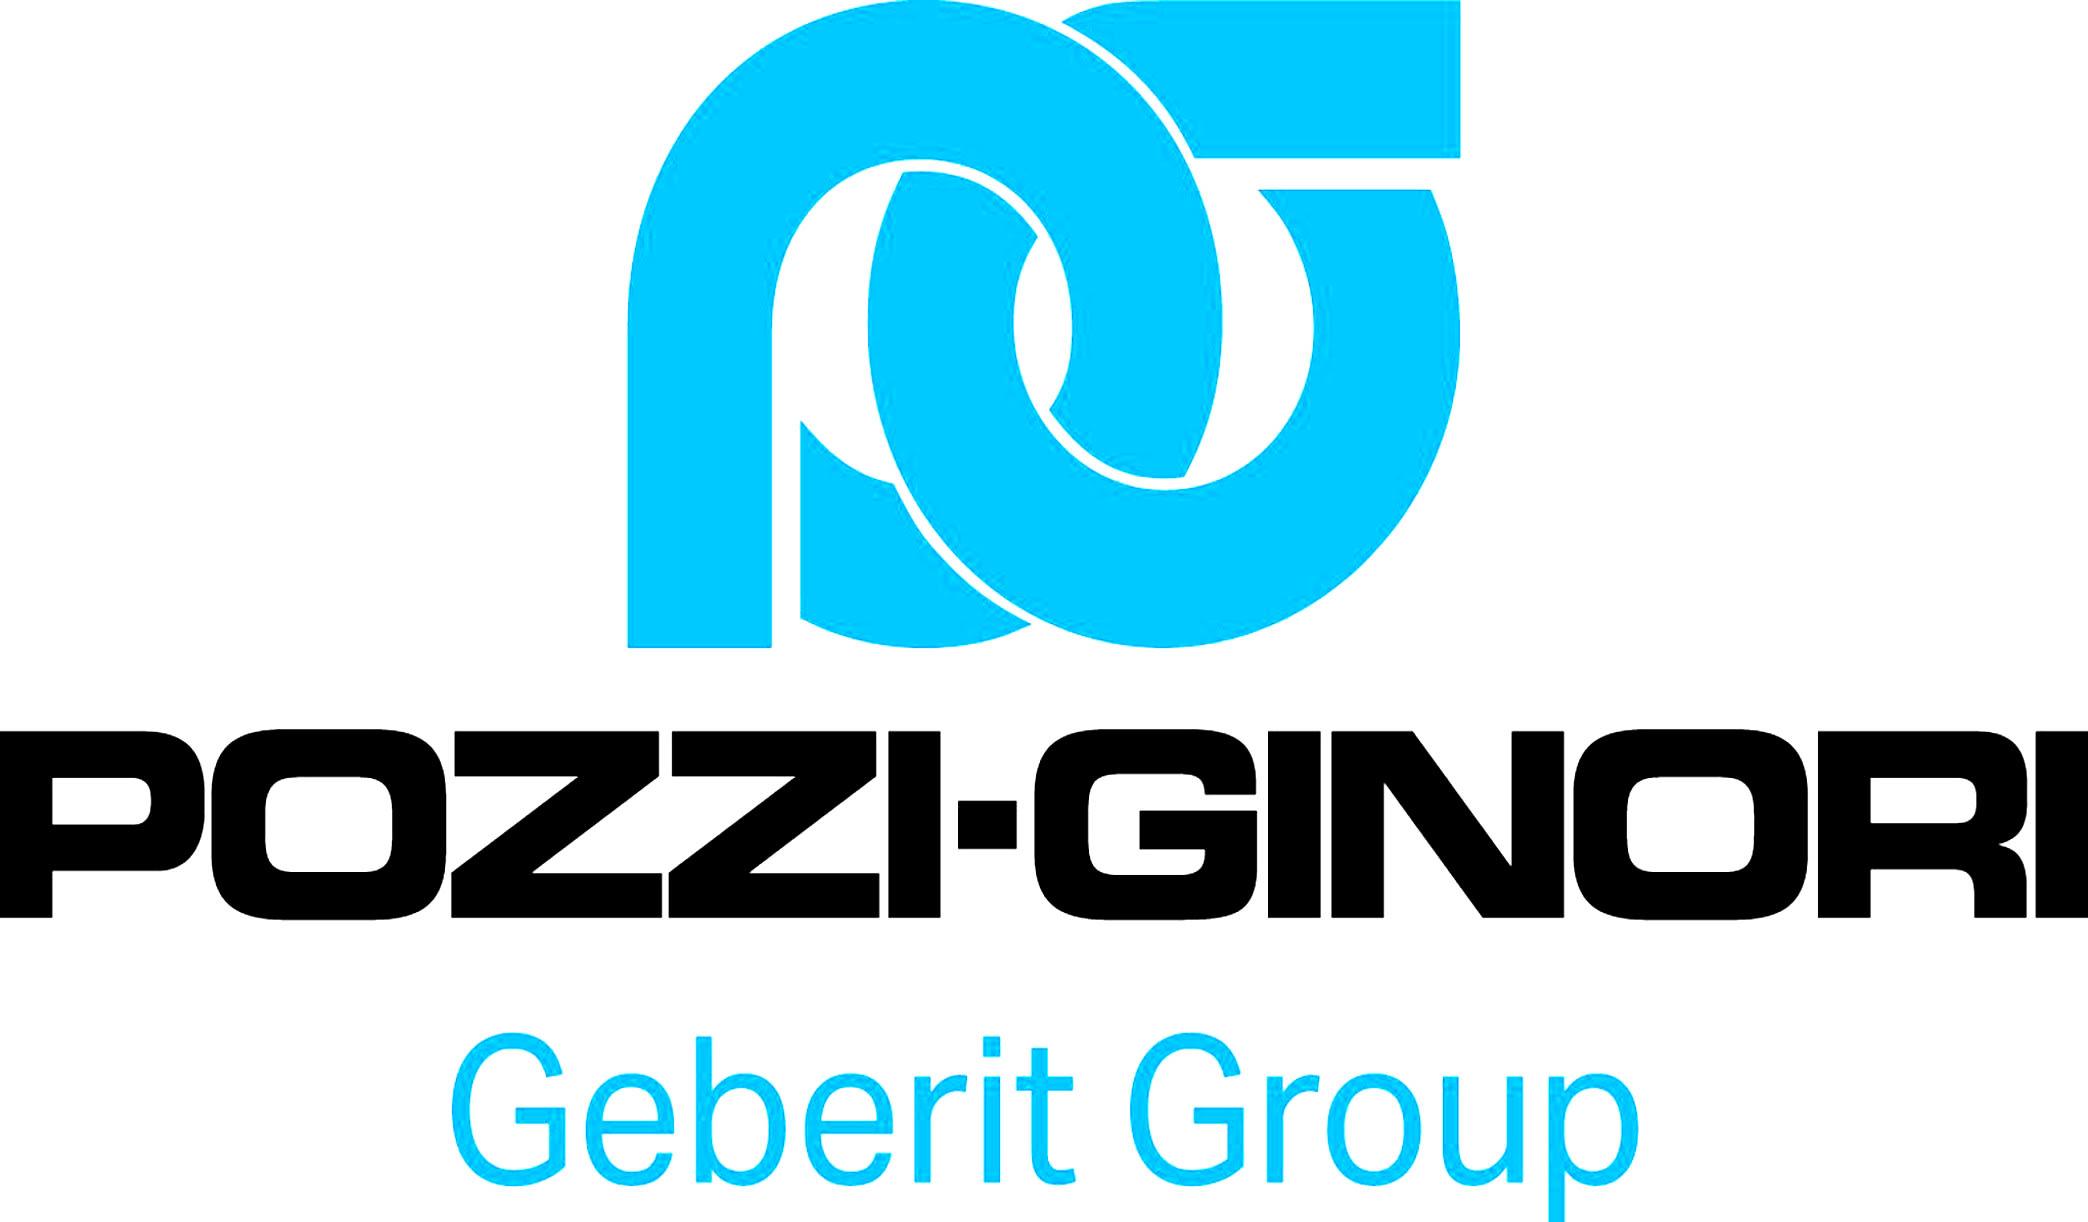 MC_Pozzi Ginori